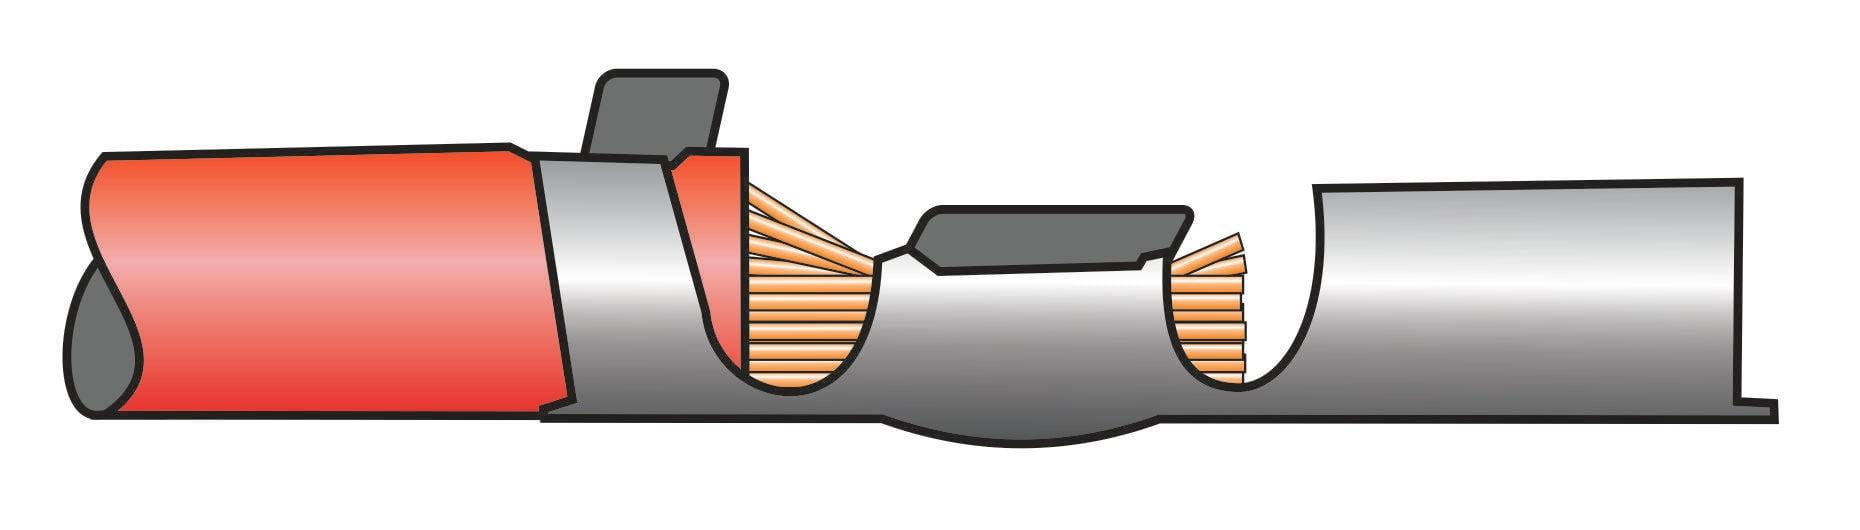 Crimpverbindung mit verbogenen Crimpflanken